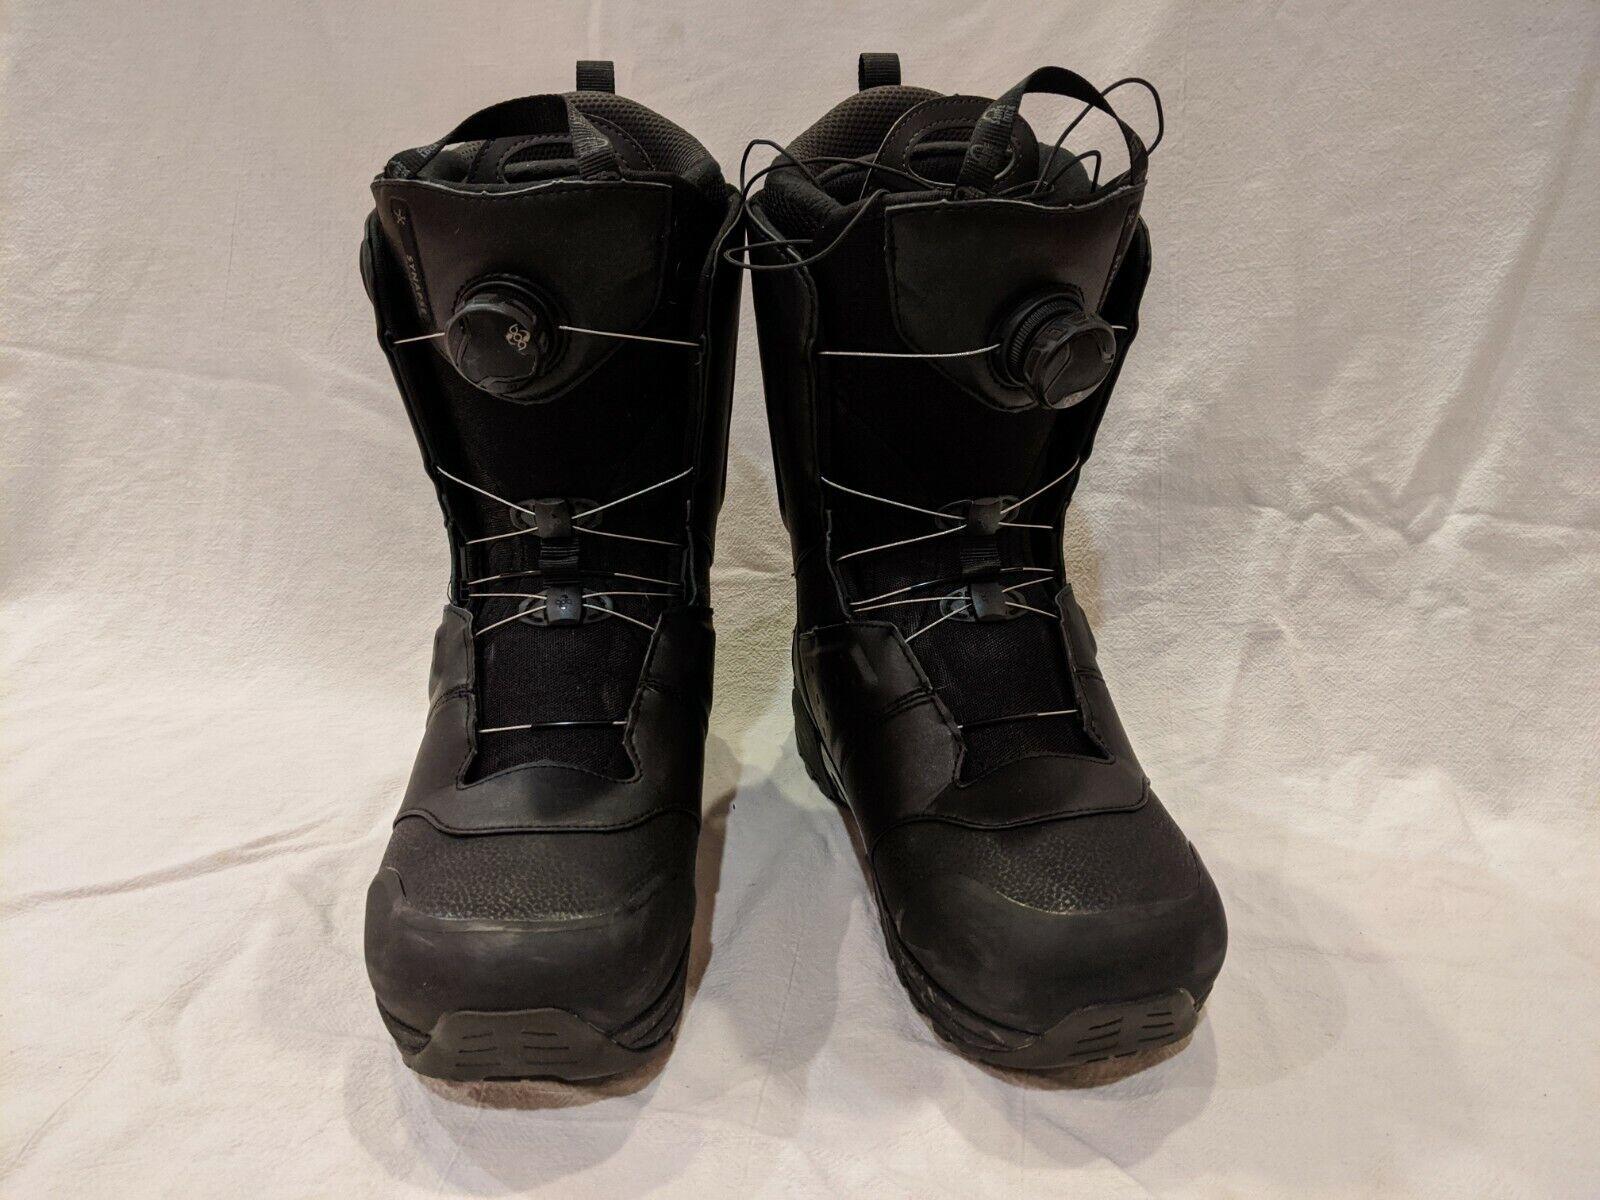 2018 Salomon Synapse Focus BOA Black Mens Snowboard Boots -